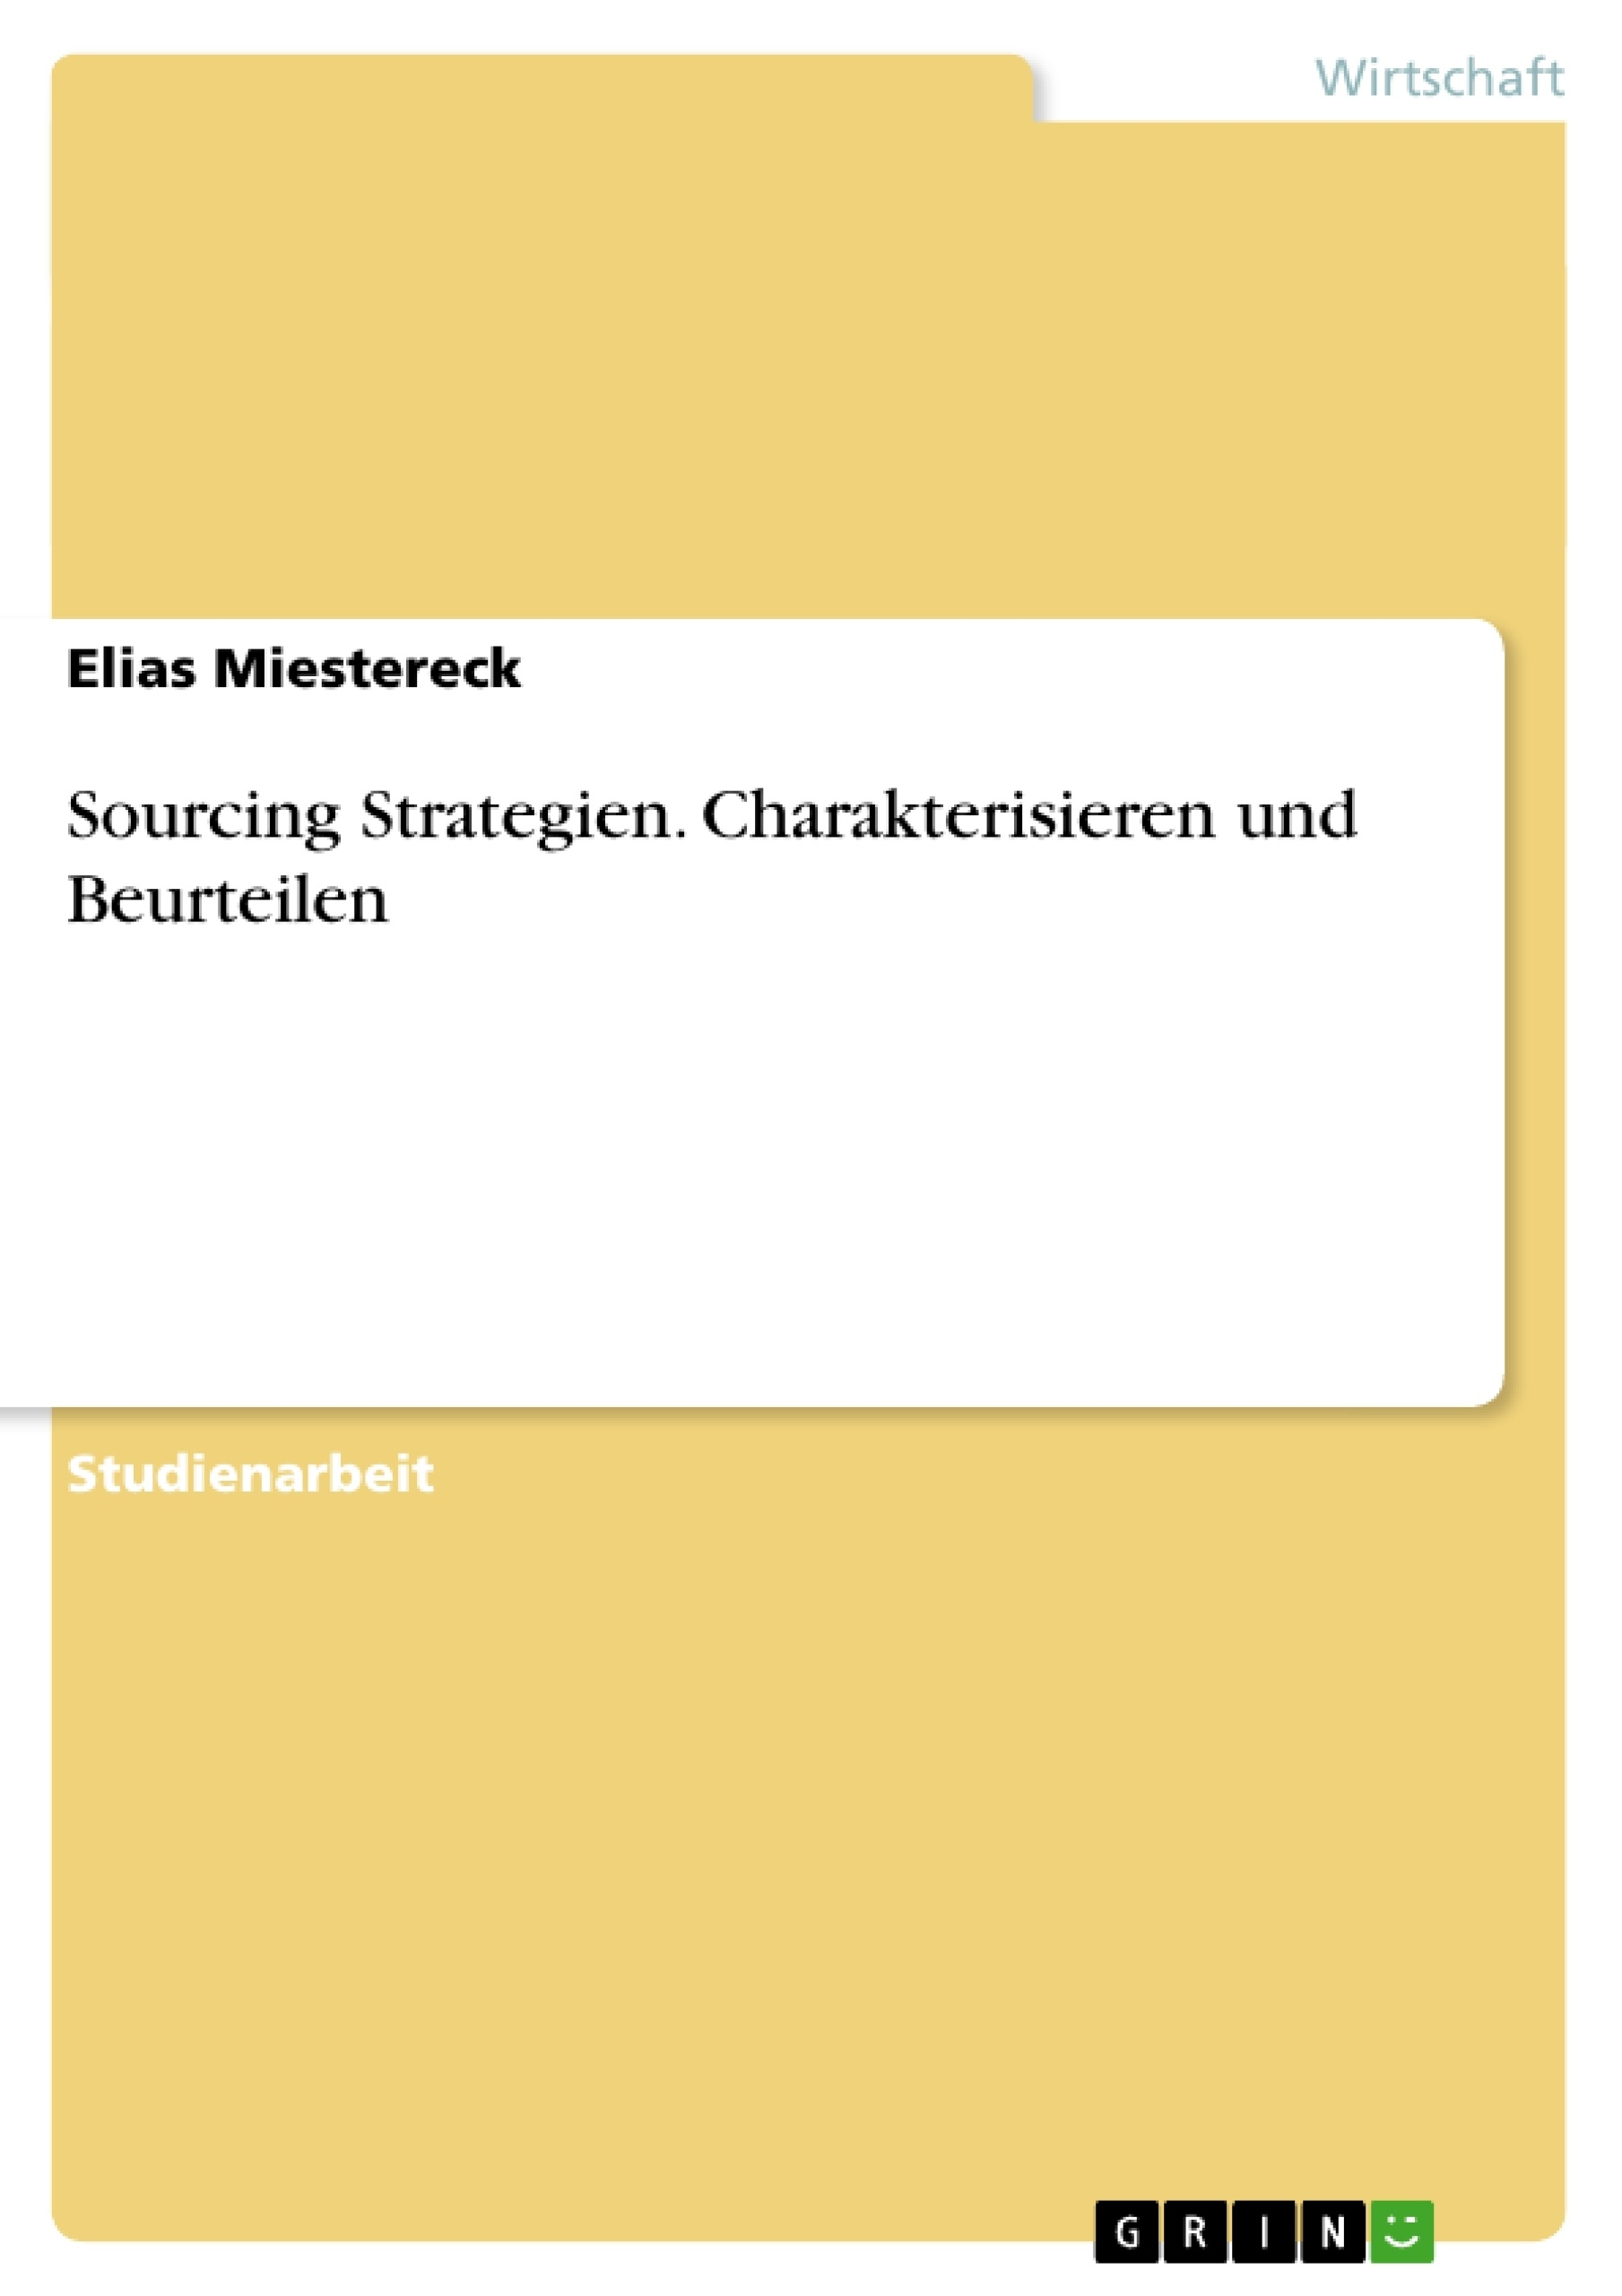 Titel: Sourcing Strategien. Charakterisieren und Beurteilen